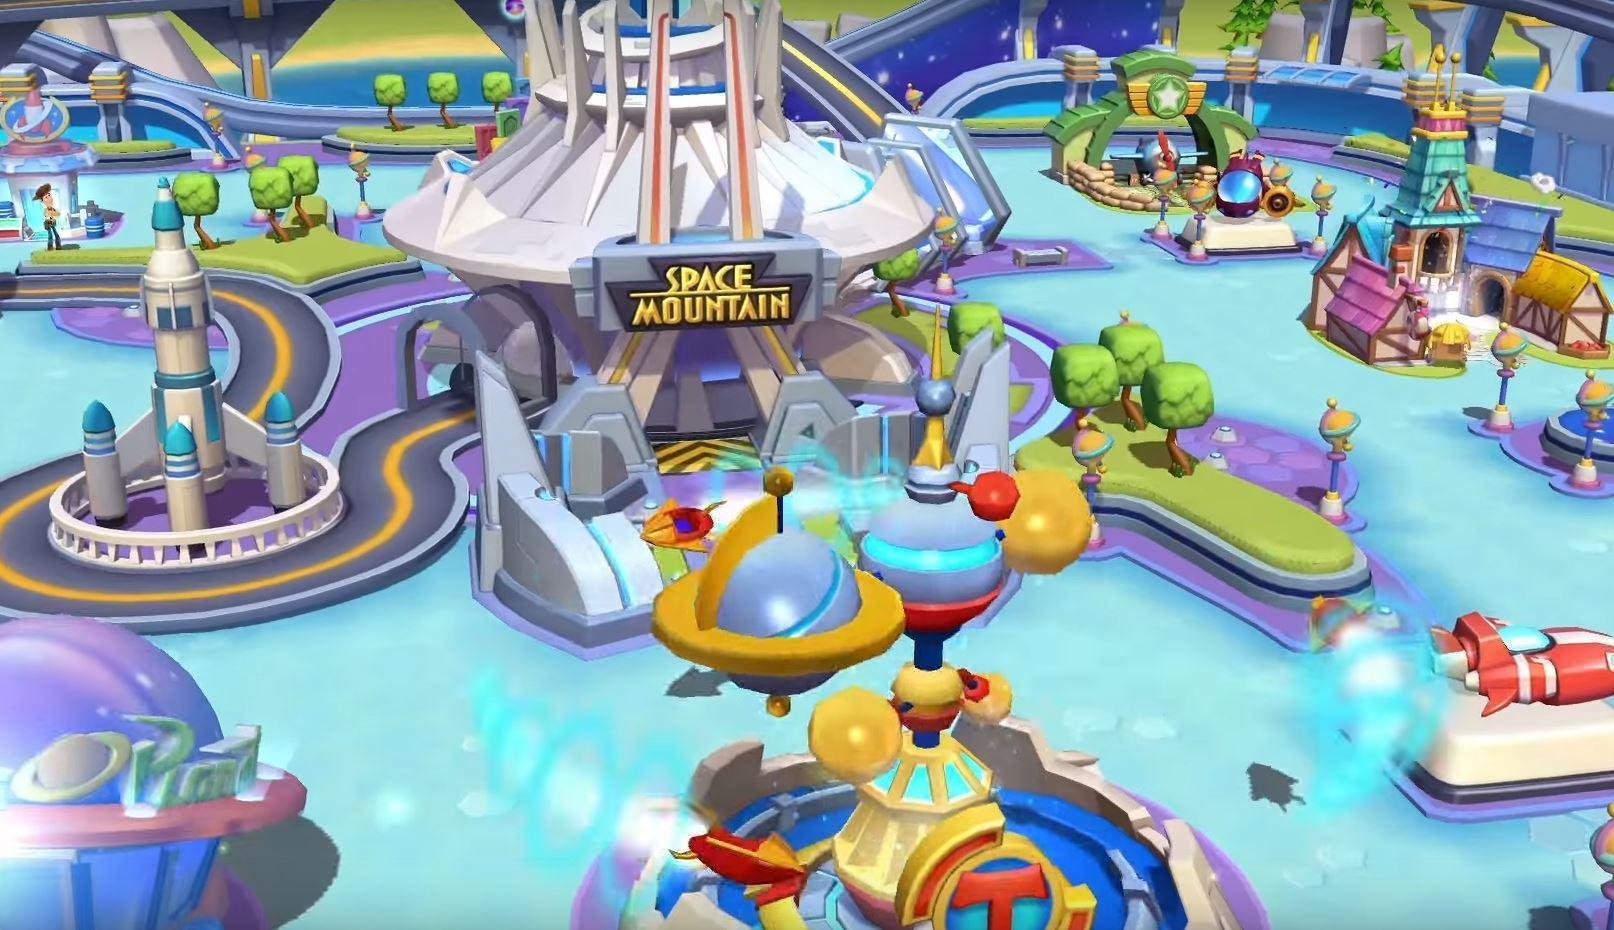 Les Meilleurs Jeux Pour Smartphones Et Tablettes Android à Jeux Gratuit Enfant De 3 Ans